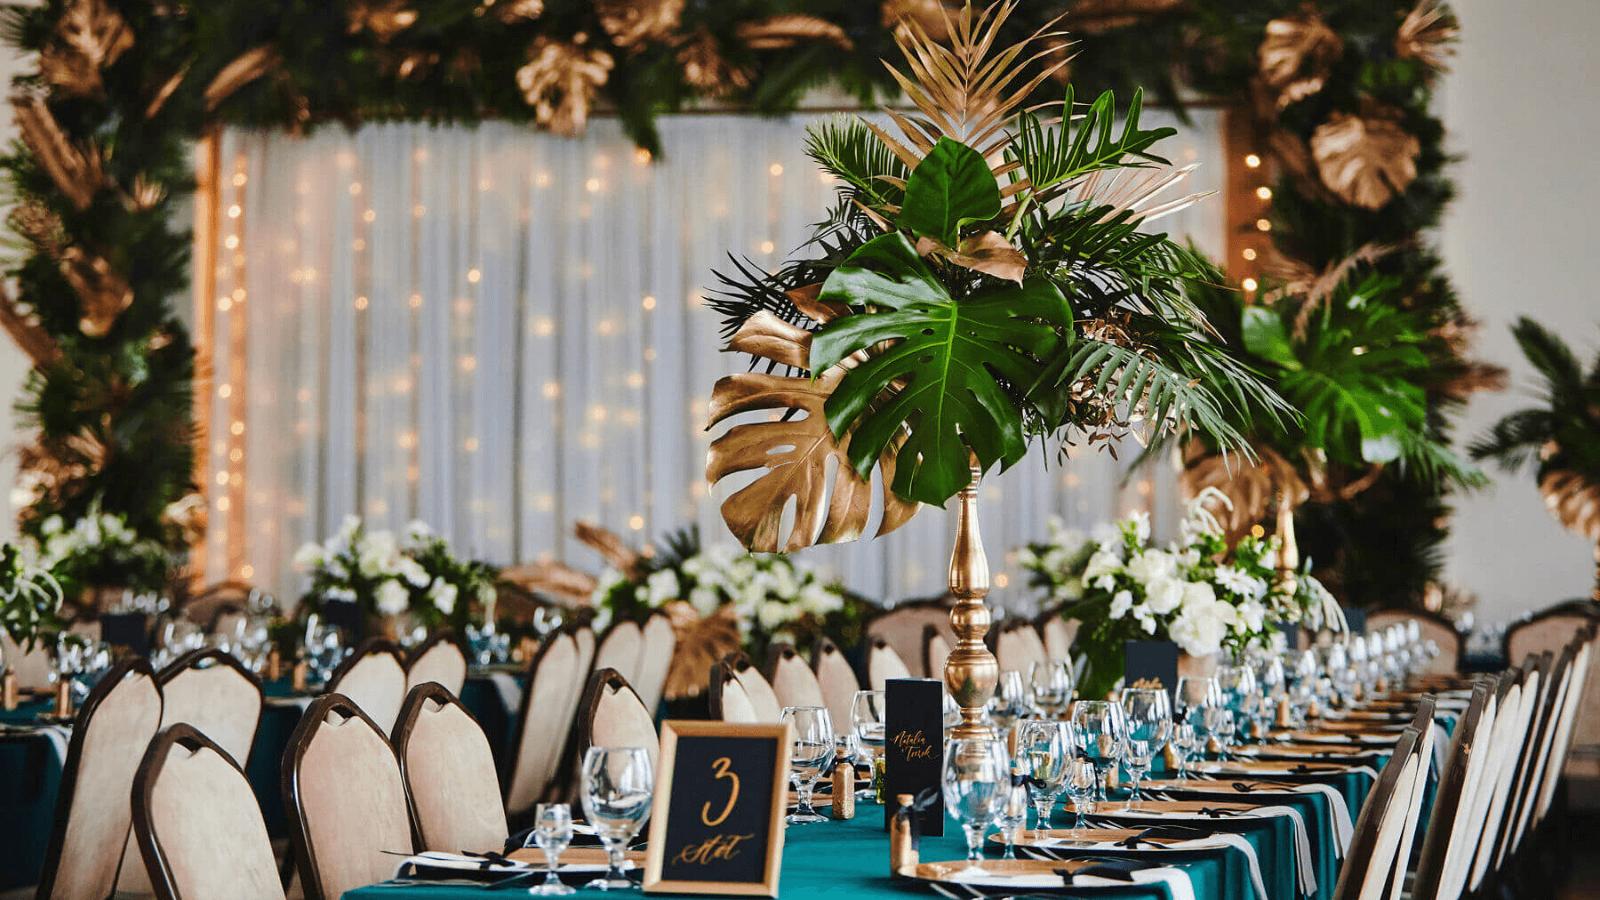 ślubne dekoracje natalia czop inlove / Design Your Wedding